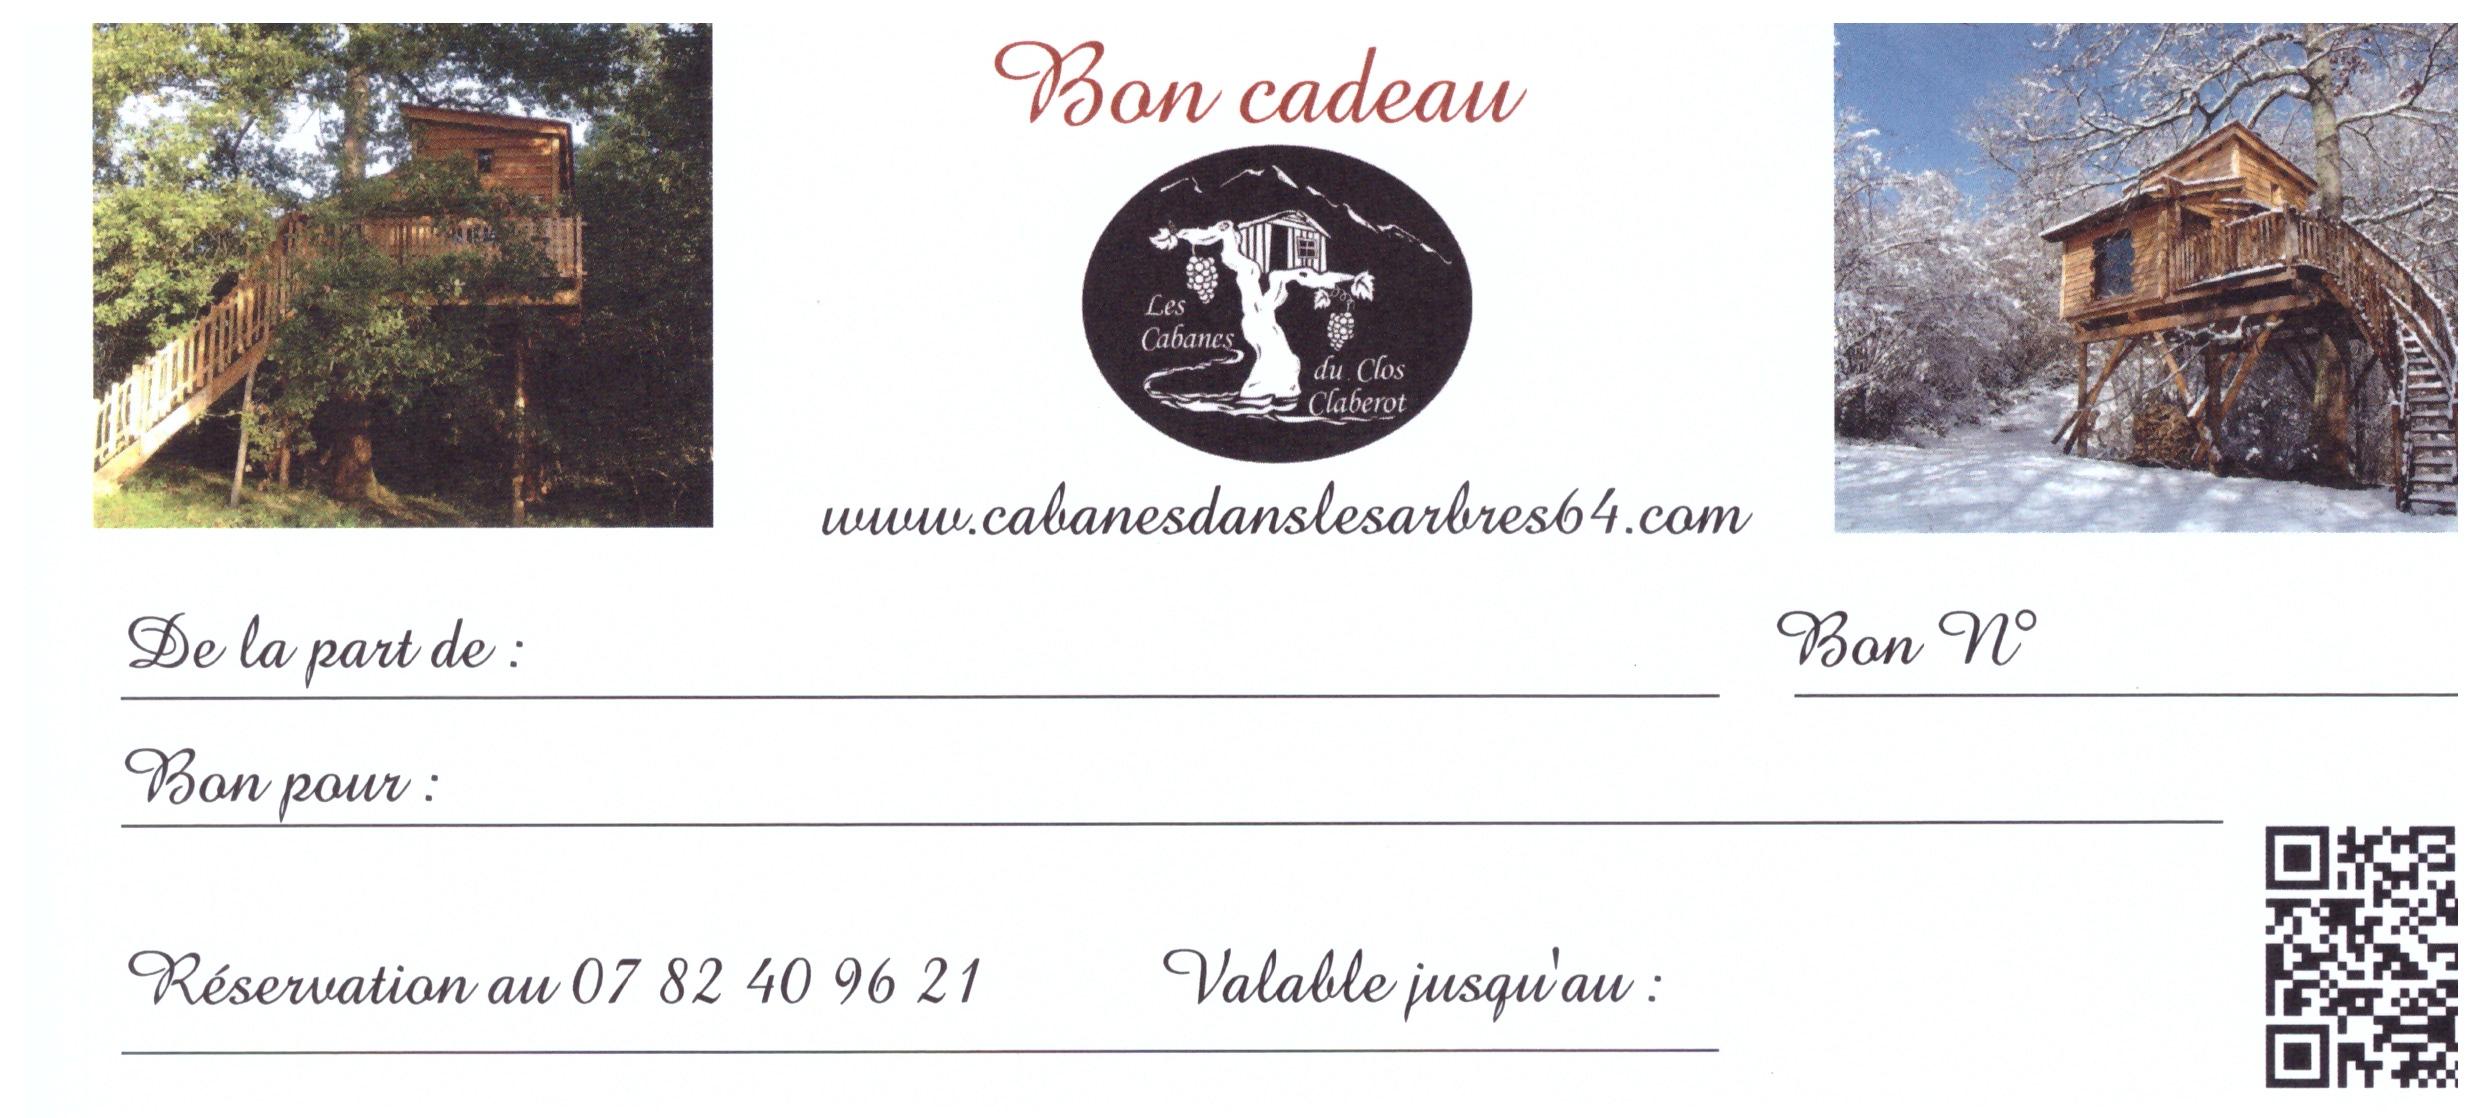 bon-cadeaux-scan_20161127_103532